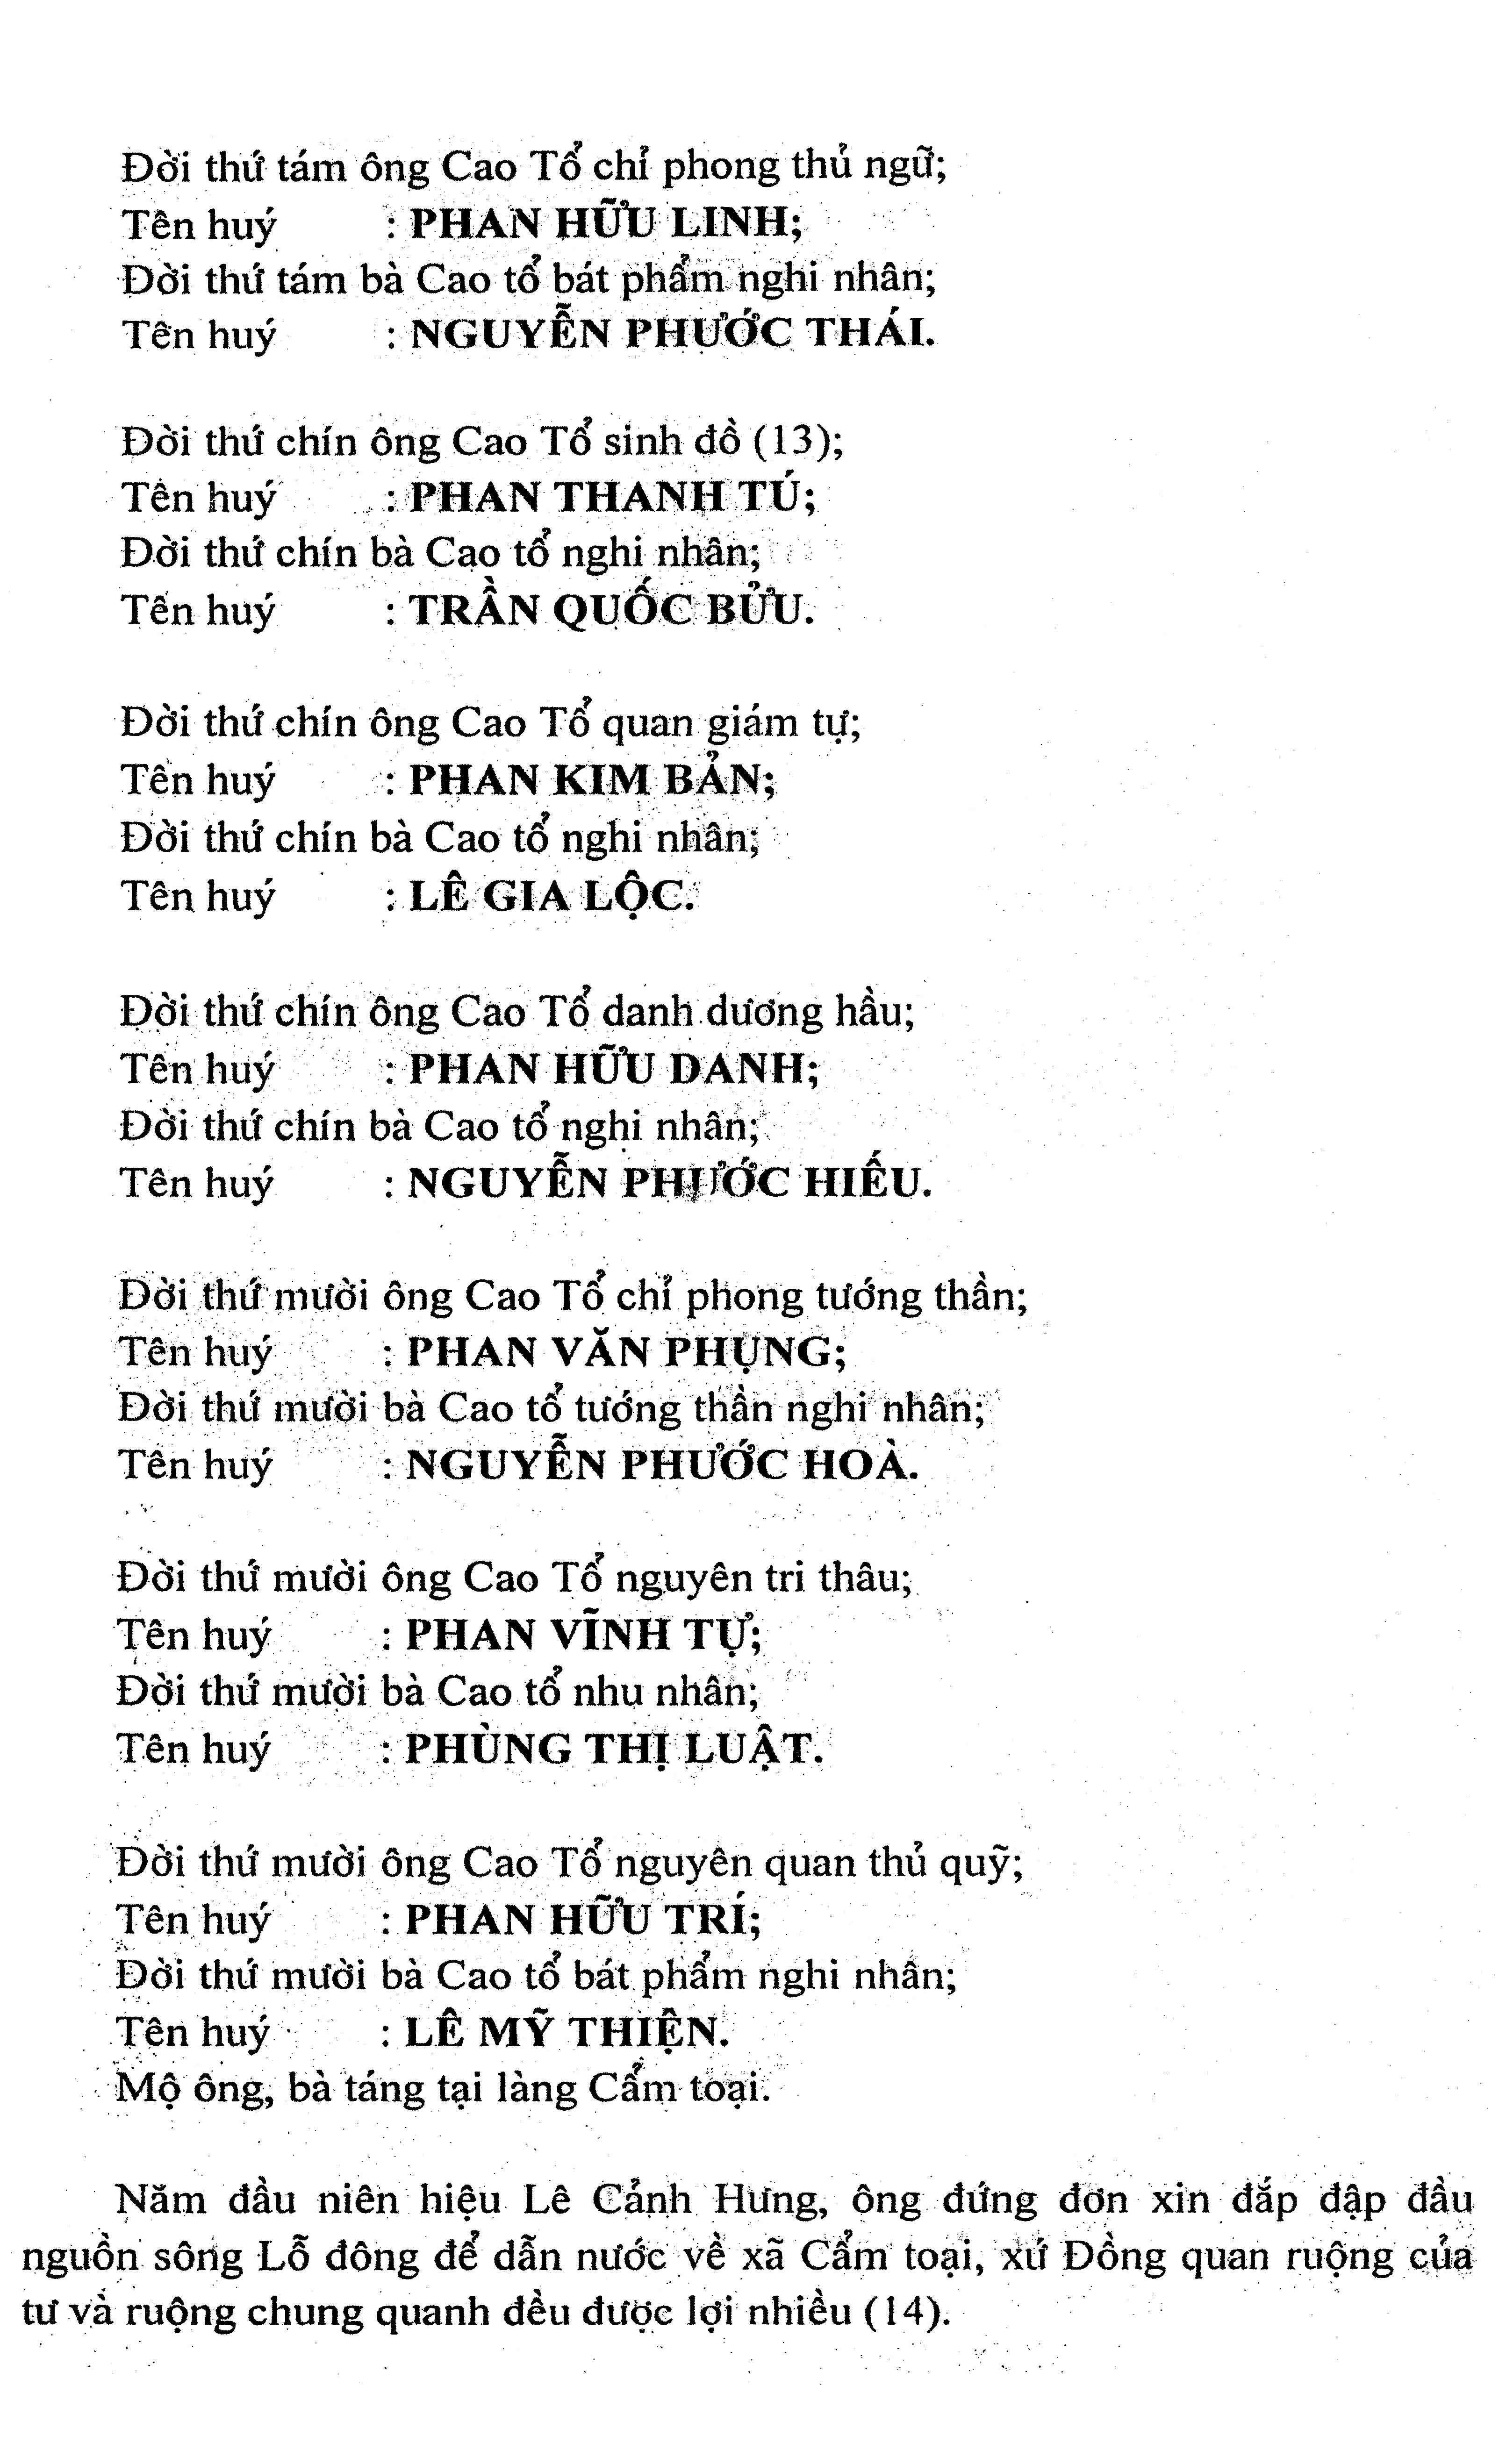 17 - Miền tháp cổ - Tác giả Vũ Hùng - Kỳ 10 - Phan tộc phổ chí Đà Sơn - Đà Ly nhị xã